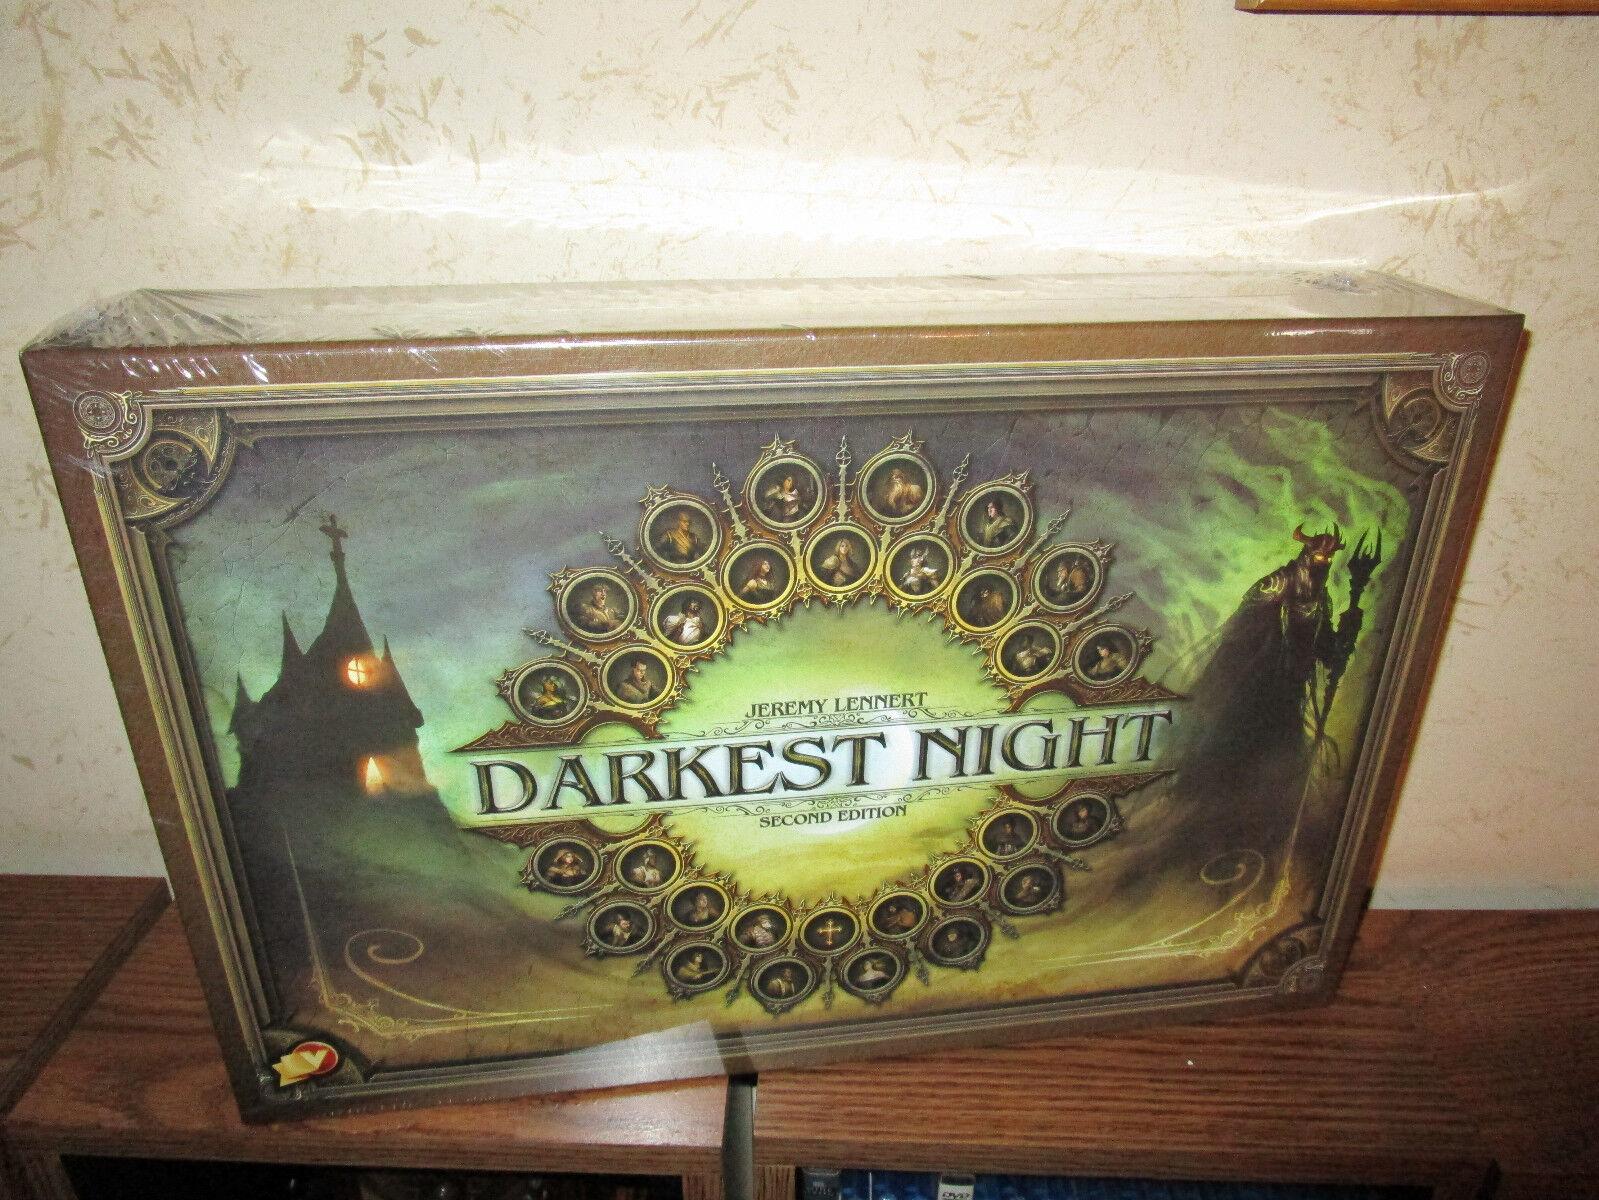 comprar descuentos Juegos de punto de la victoria-noche más más más oscura  segunda edición juego KickEstrellater versión  calidad auténtica